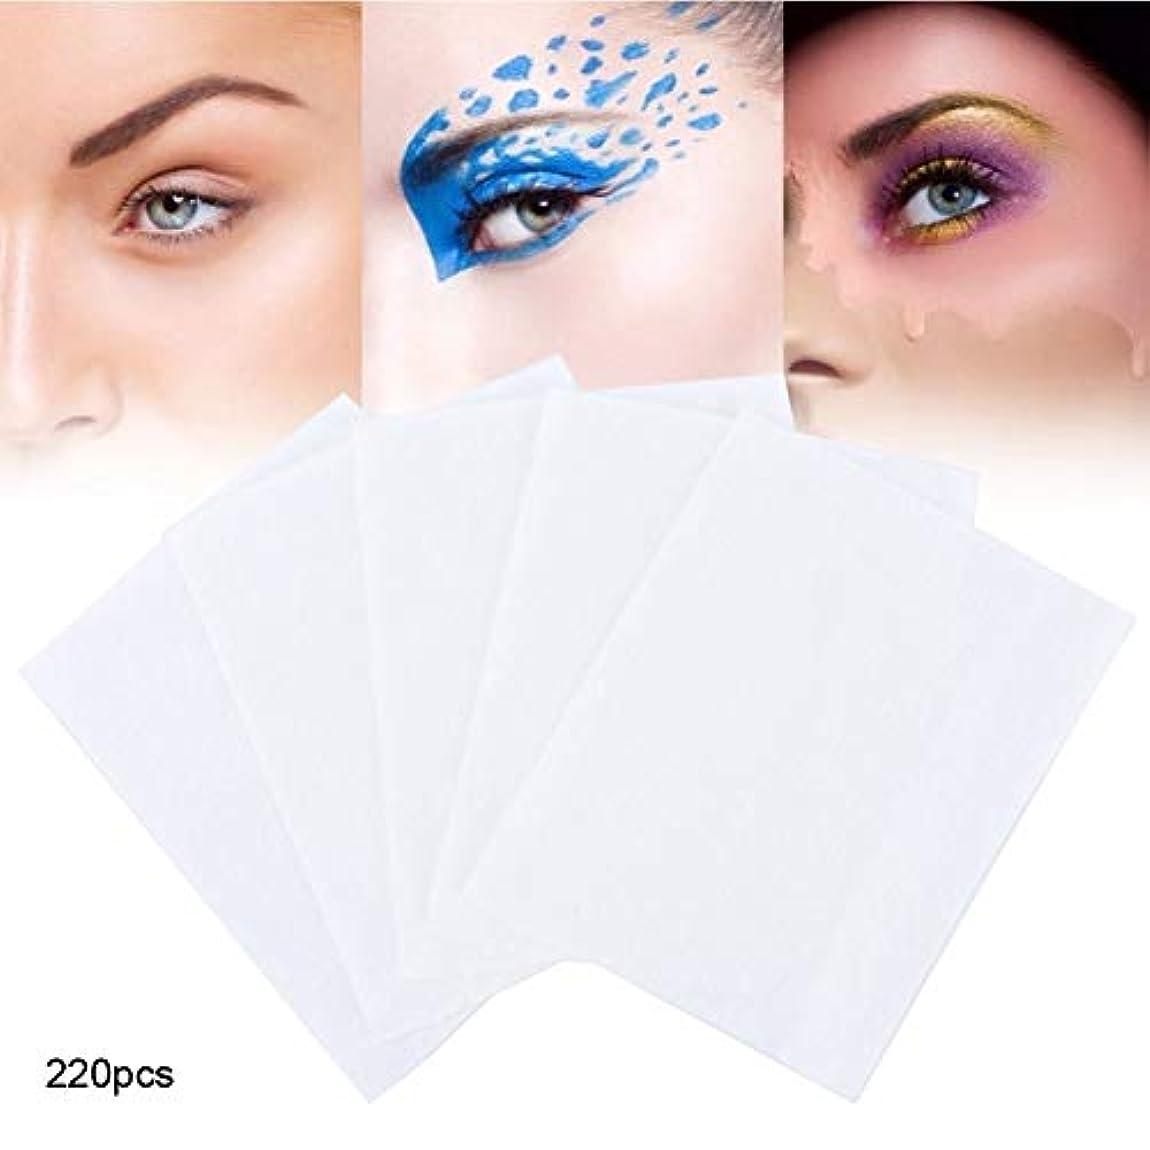 計算可能エンディングモデレータ220枚 化粧コットンパッド 化粧の除去とスキンケアのための使い捨てフェイシャルワイプタオル